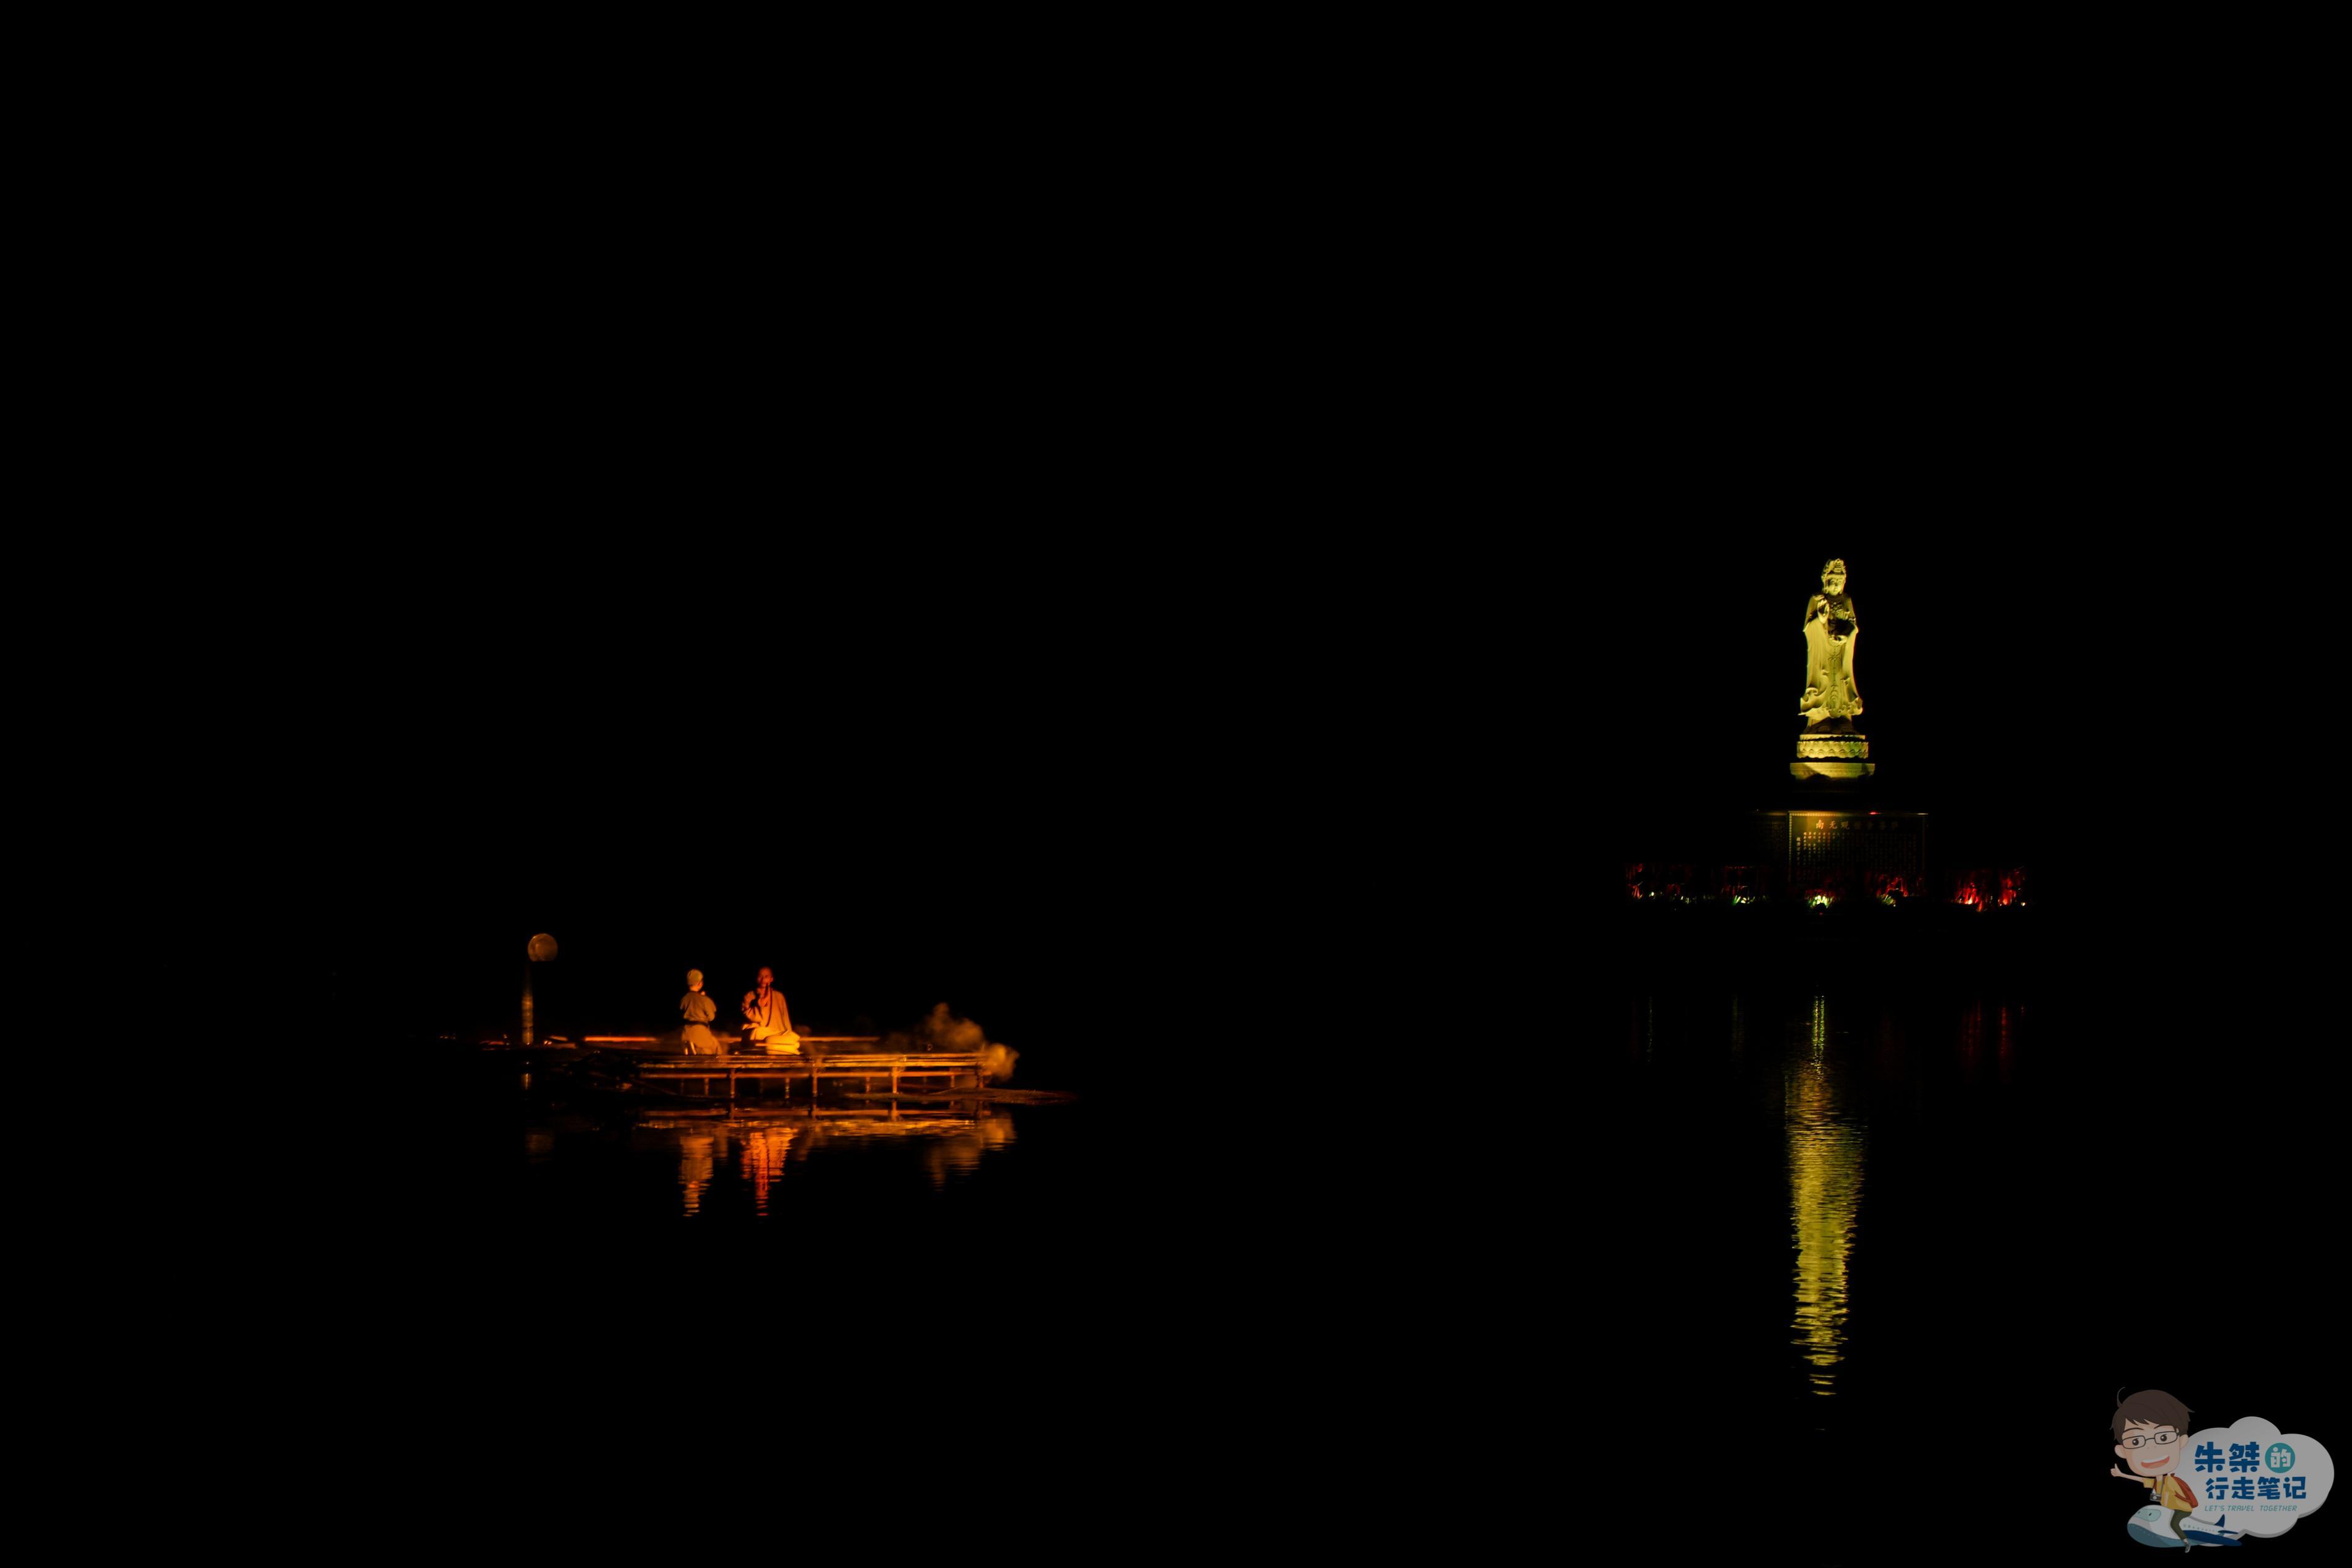 国内首个牡丹文化的水上实景演出,表演周期两